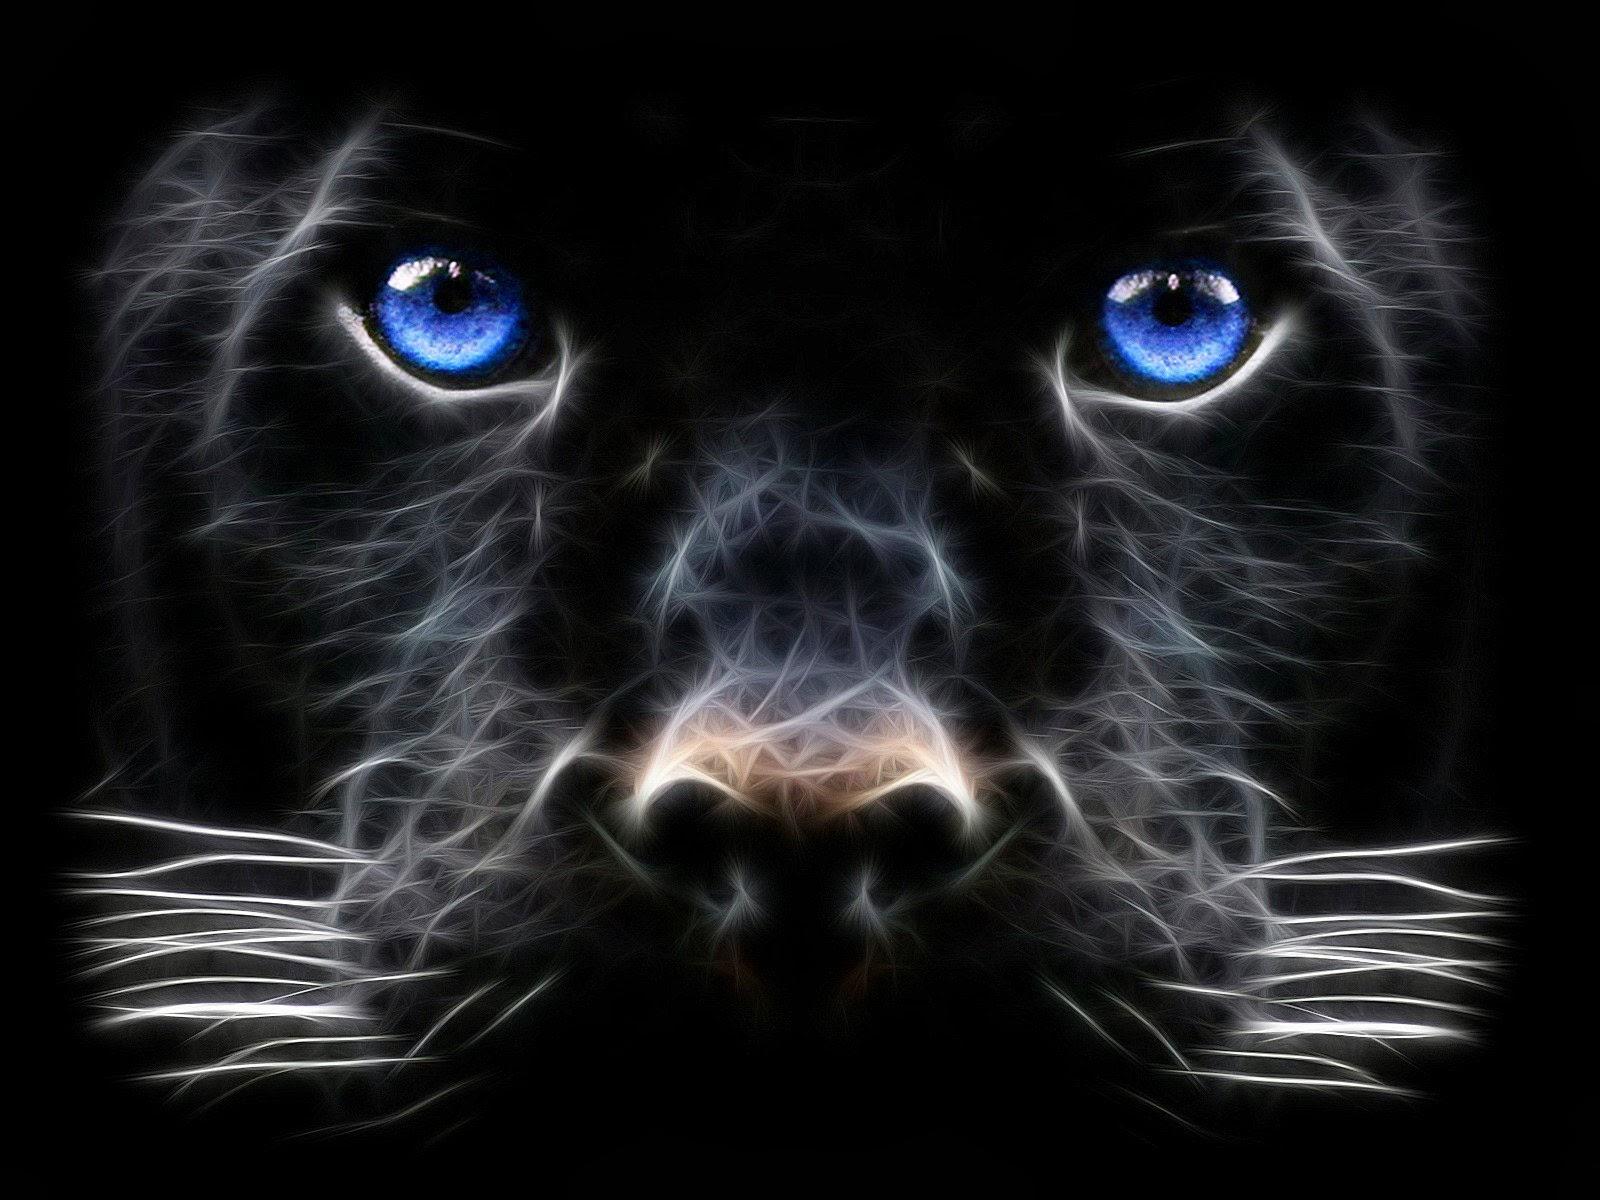 Fotos De Animales Salvajes Para Fondo De Pantalla: Imagenes Hilandy: Fondo De Pantalla Animales Leopardo